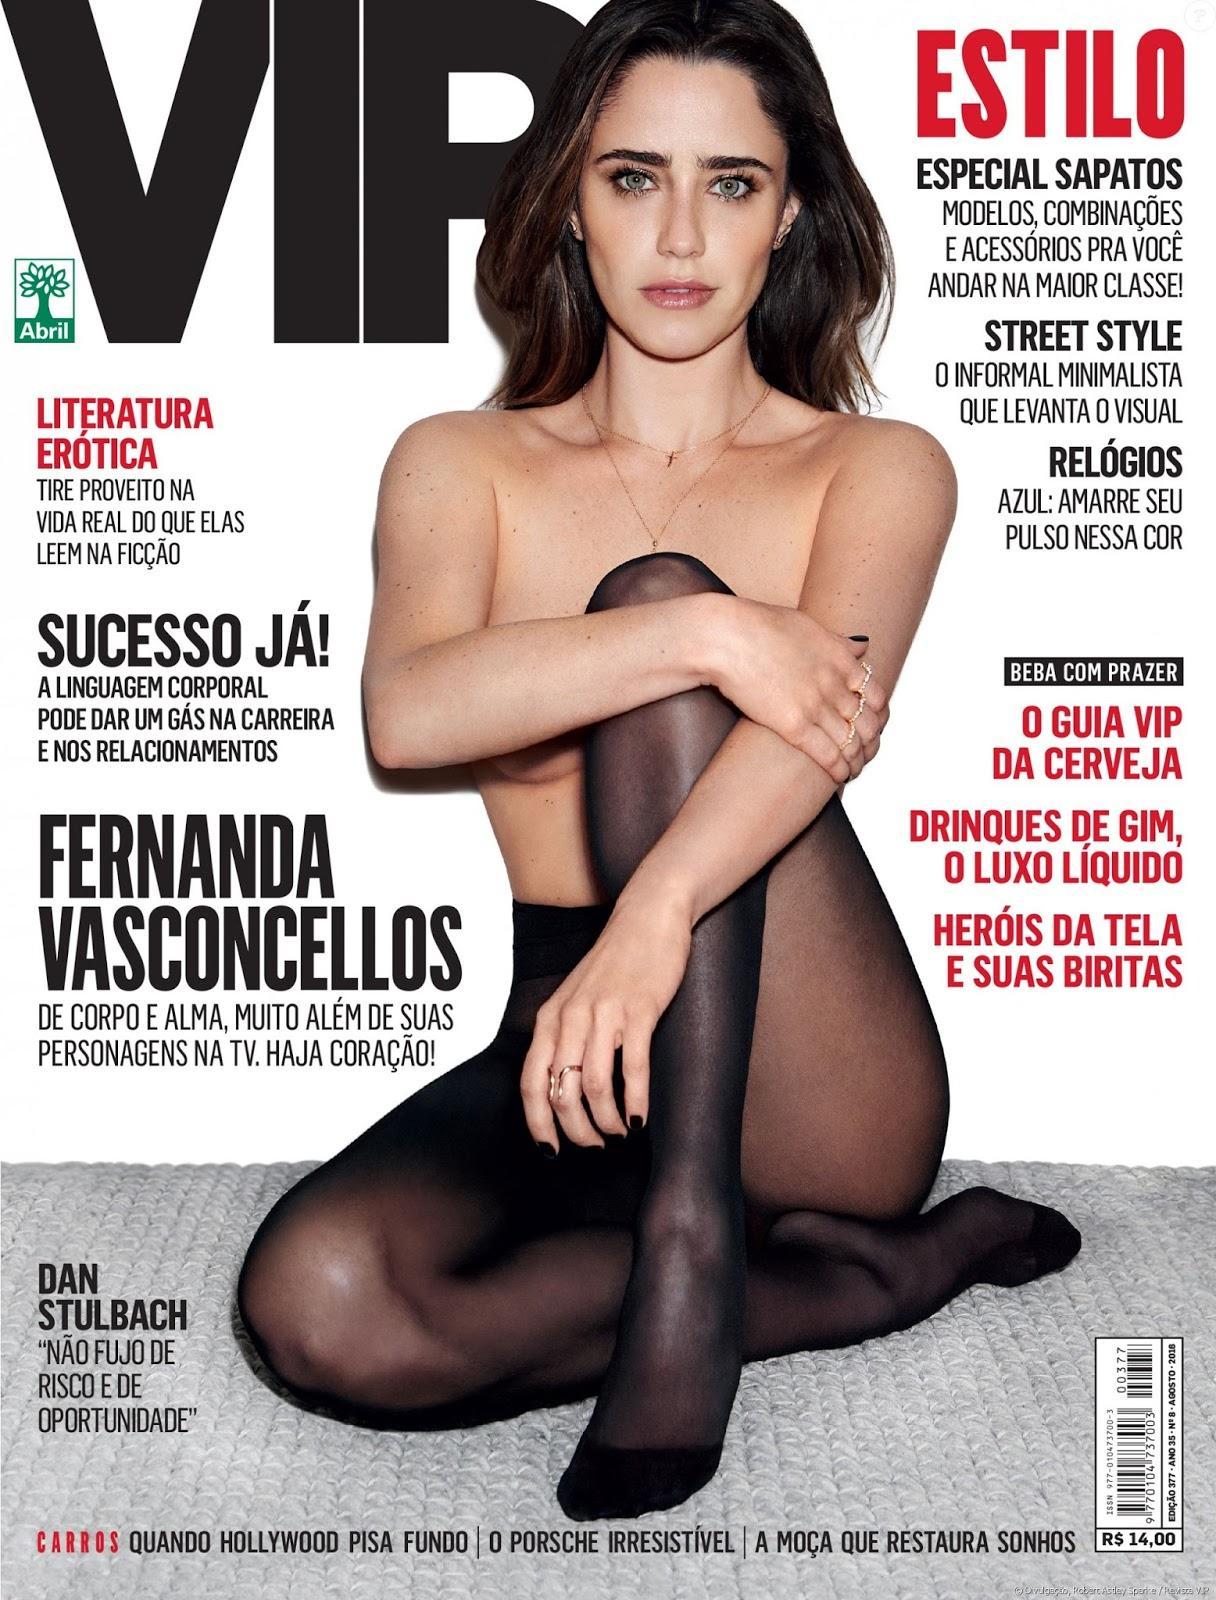 Fernanda Vasconcellos em ensaio sensual para a Revista VIP